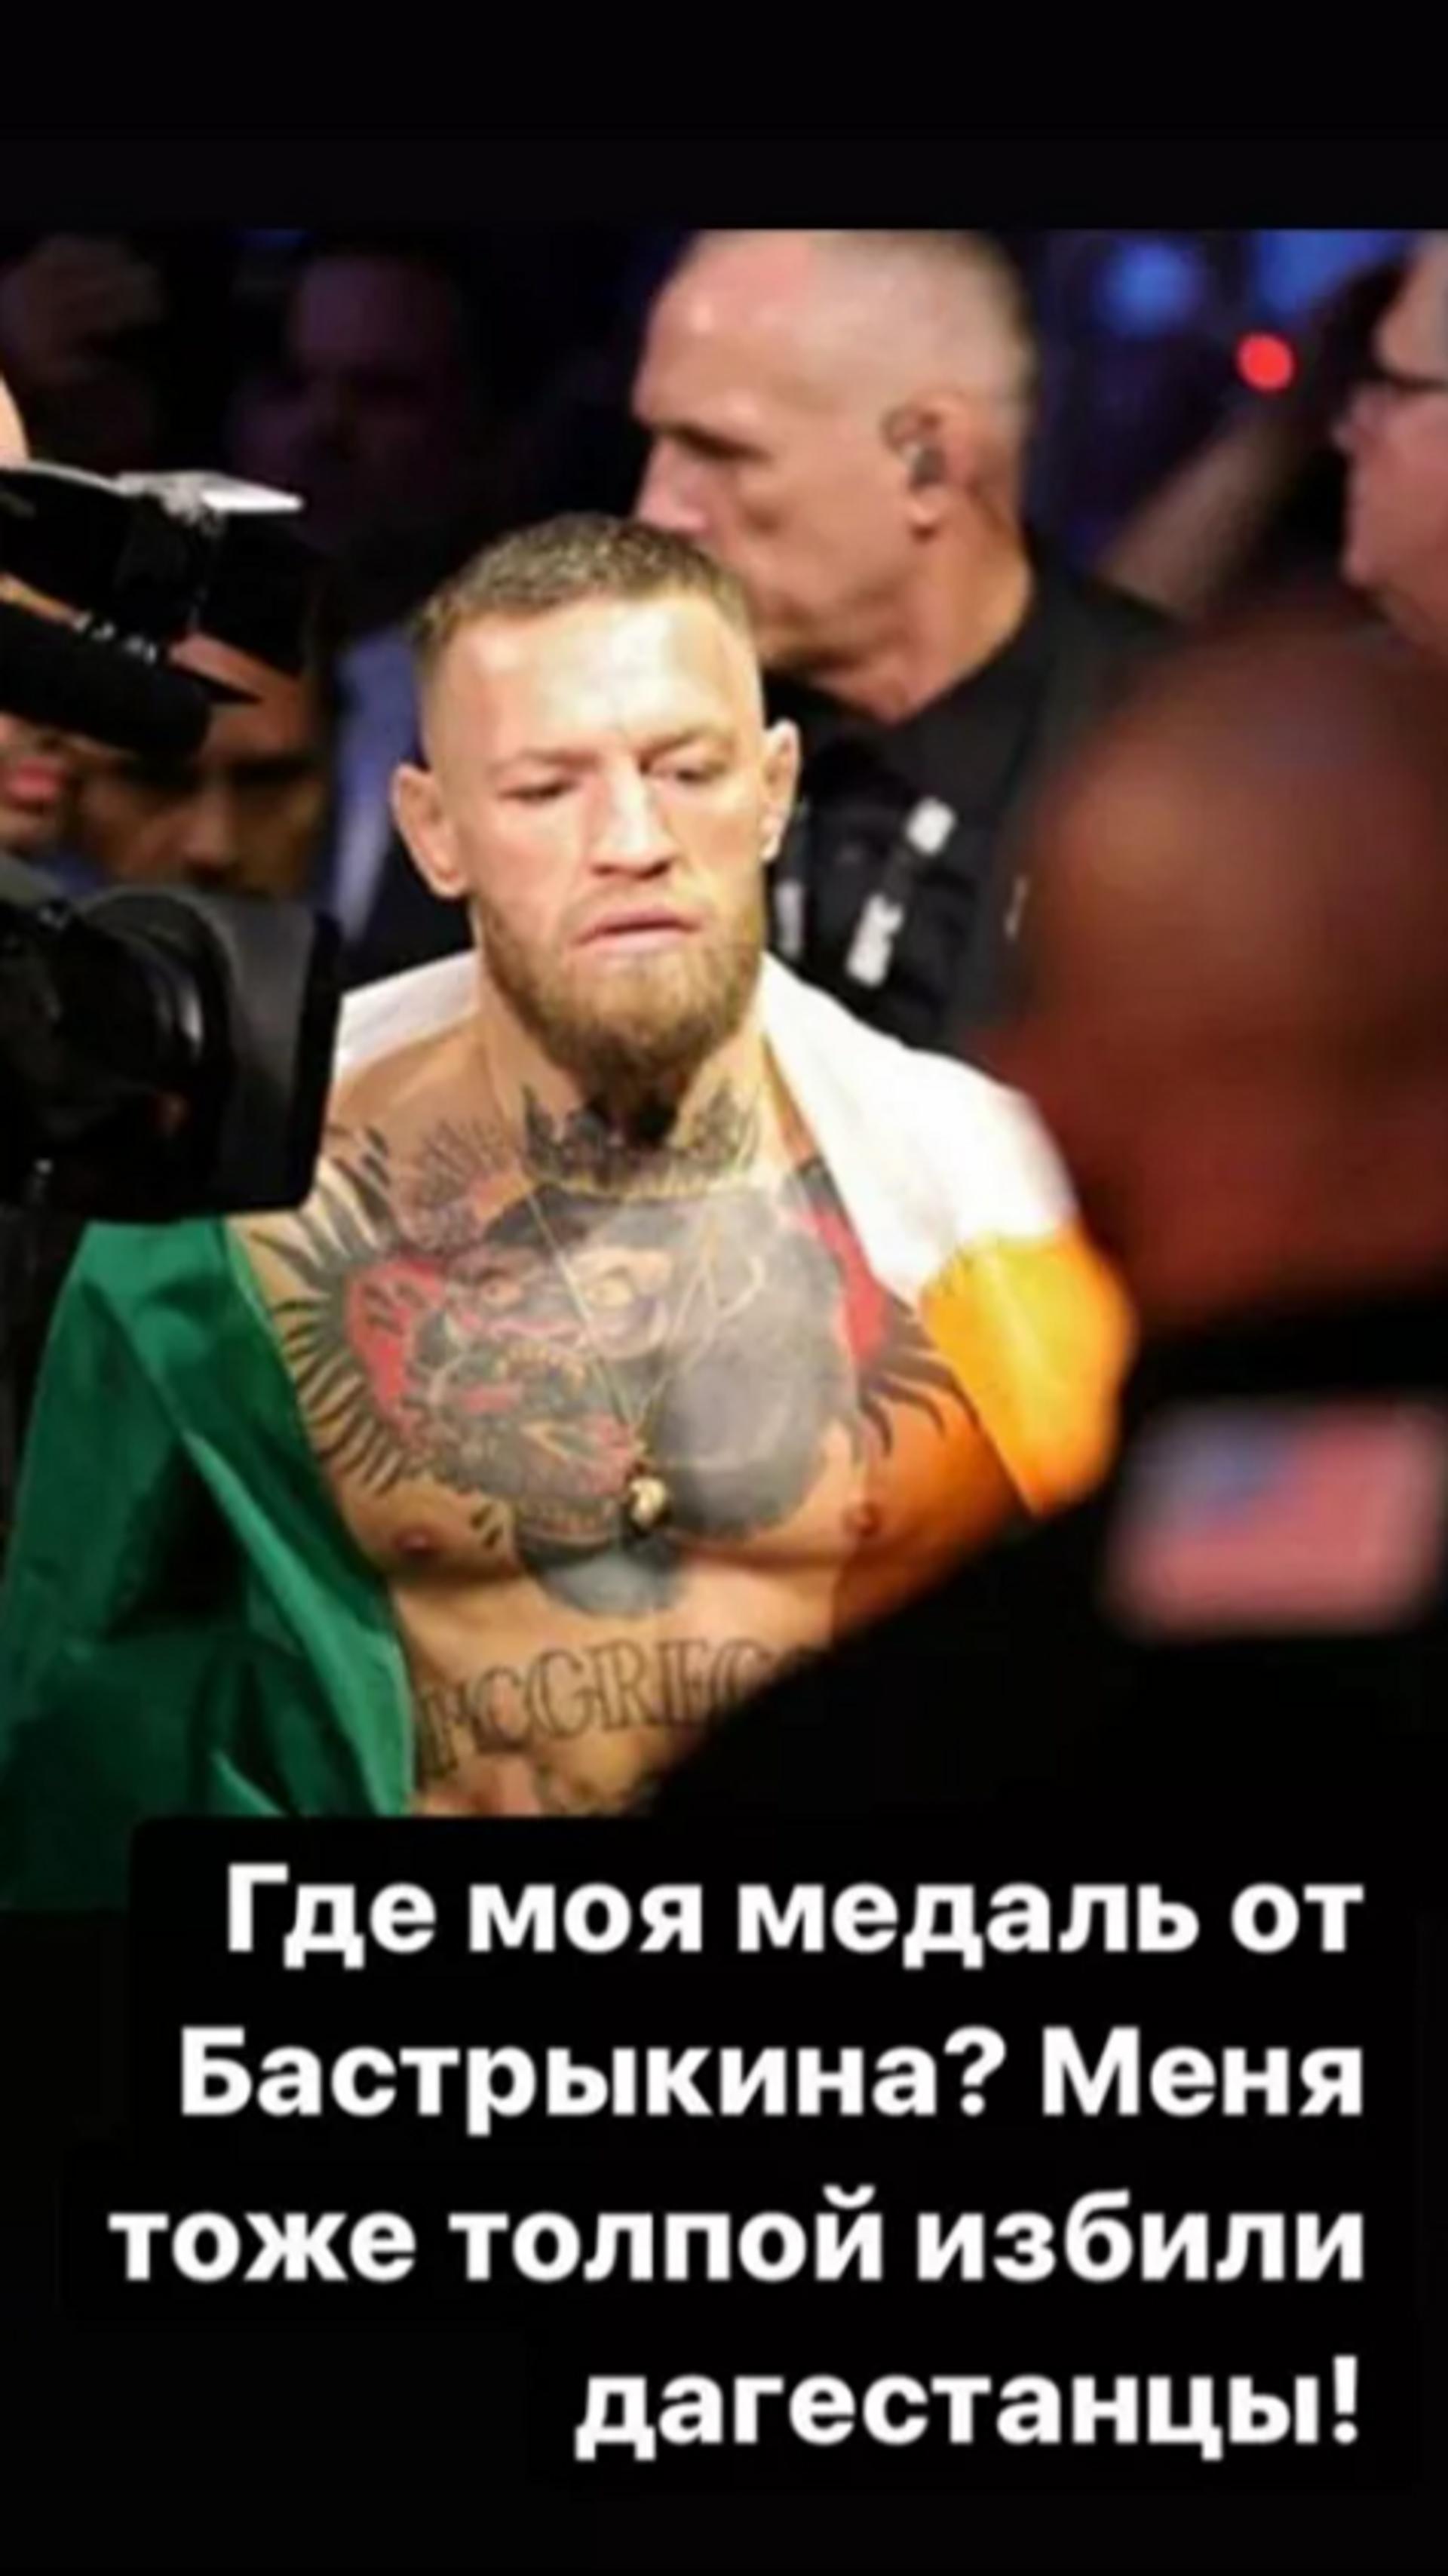 Publicación sobre McGregor en la cuenta de Instagram de Khabib - Sputnik Mundo, 1920, 13.10.2021